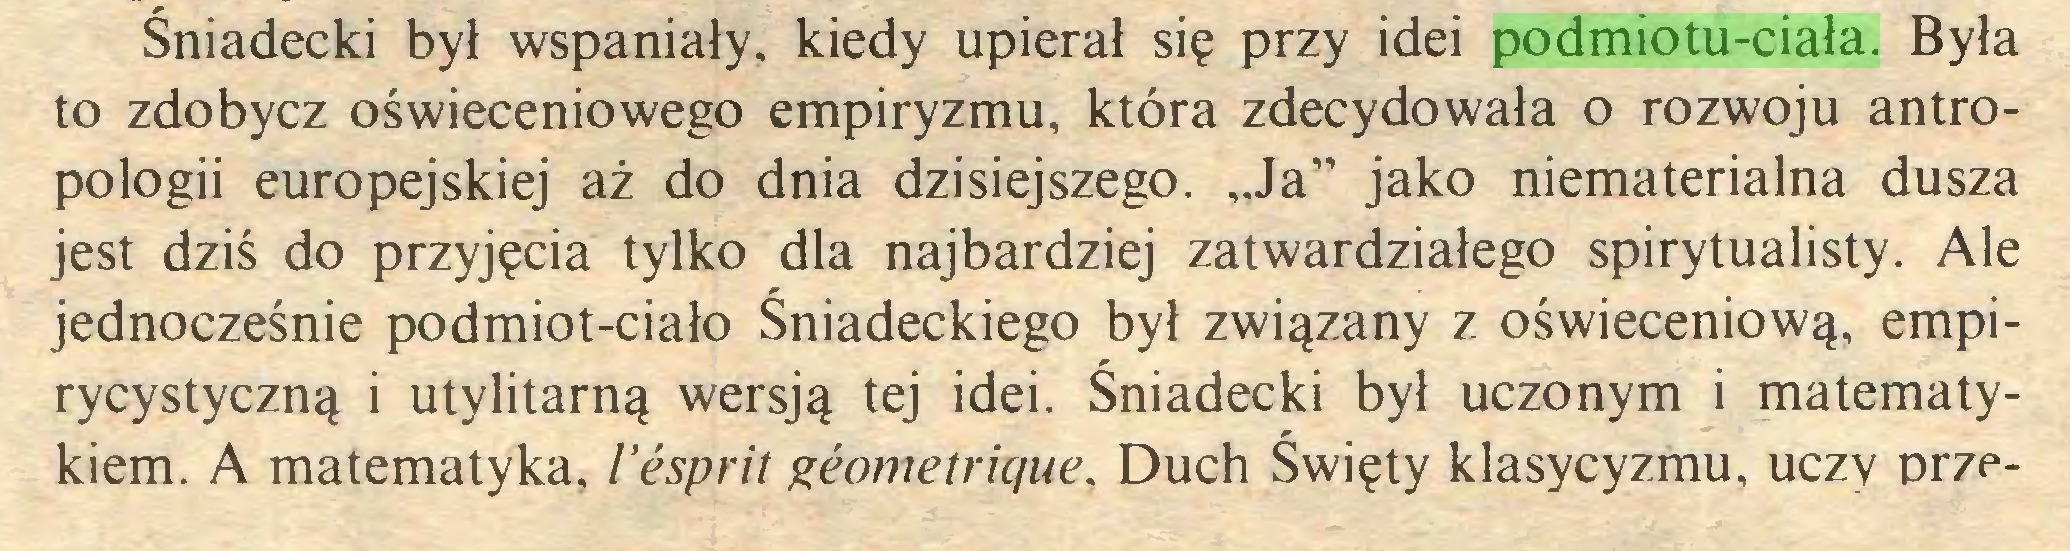 """(...) Śniadecki był wspaniały, kiedy upierał się przy idei podmiotu-ciała. Była to zdobycz oświeceniowego empiryzmu, która zdecydowała o rozwoju antropologii europejskiej aż do dnia dzisiejszego. """"Ja"""" jako niematerialna dusza jest dziś do przyjęcia tylko dla najbardziej zatwardziałego spirytualisty. Ale jednocześnie podmiot-ciało Śniadeckiego był związany z oświeceniową, empirycystyczną i utylitarną wersją tej idei. Śniadecki był uczonym i matematykiem. A matematyka, l'ésprit géométrique, Duch Święty klasycyzmu, uczy prze..."""